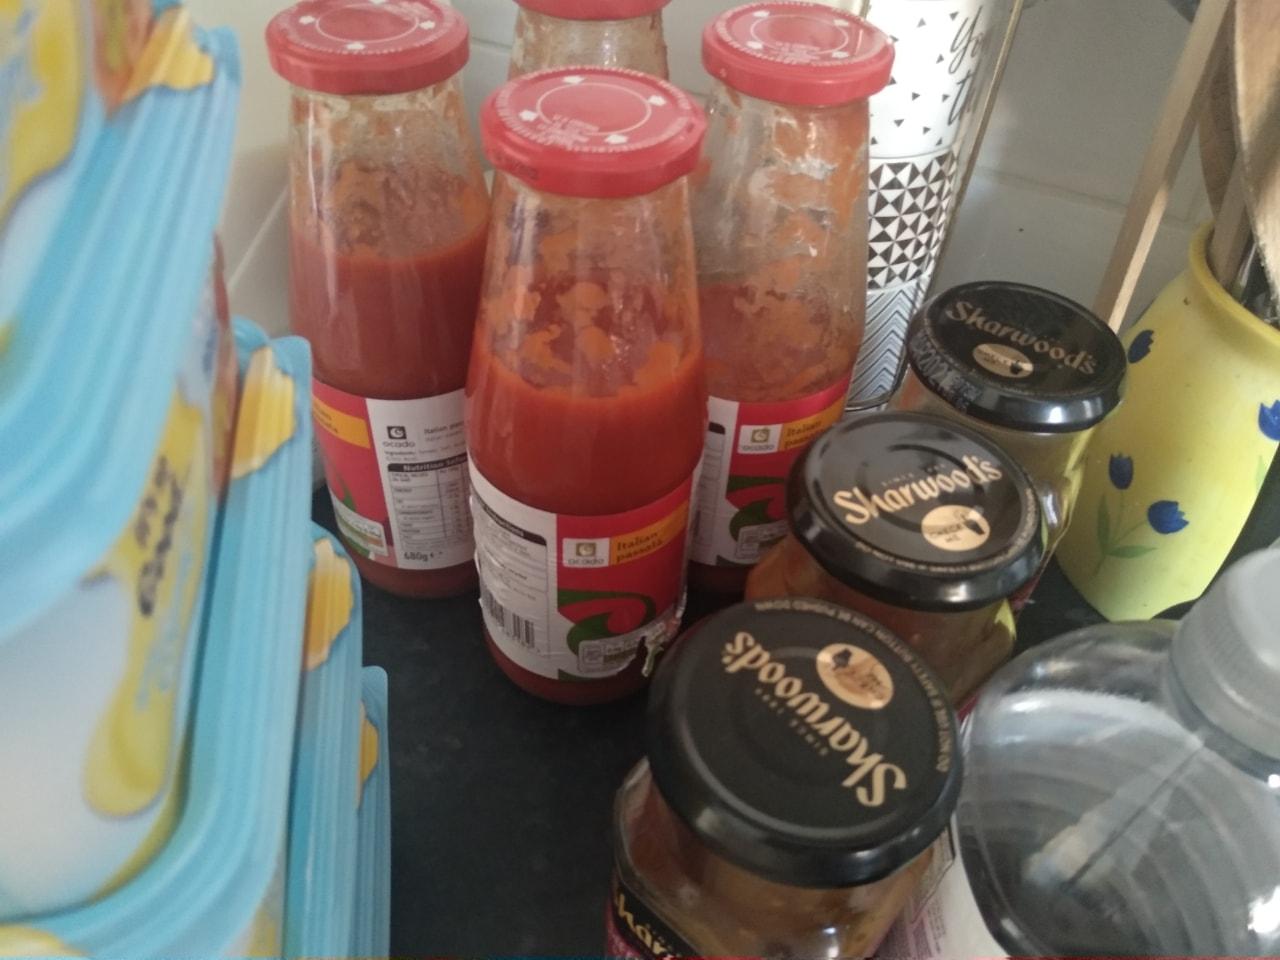 Opened bottles of passata